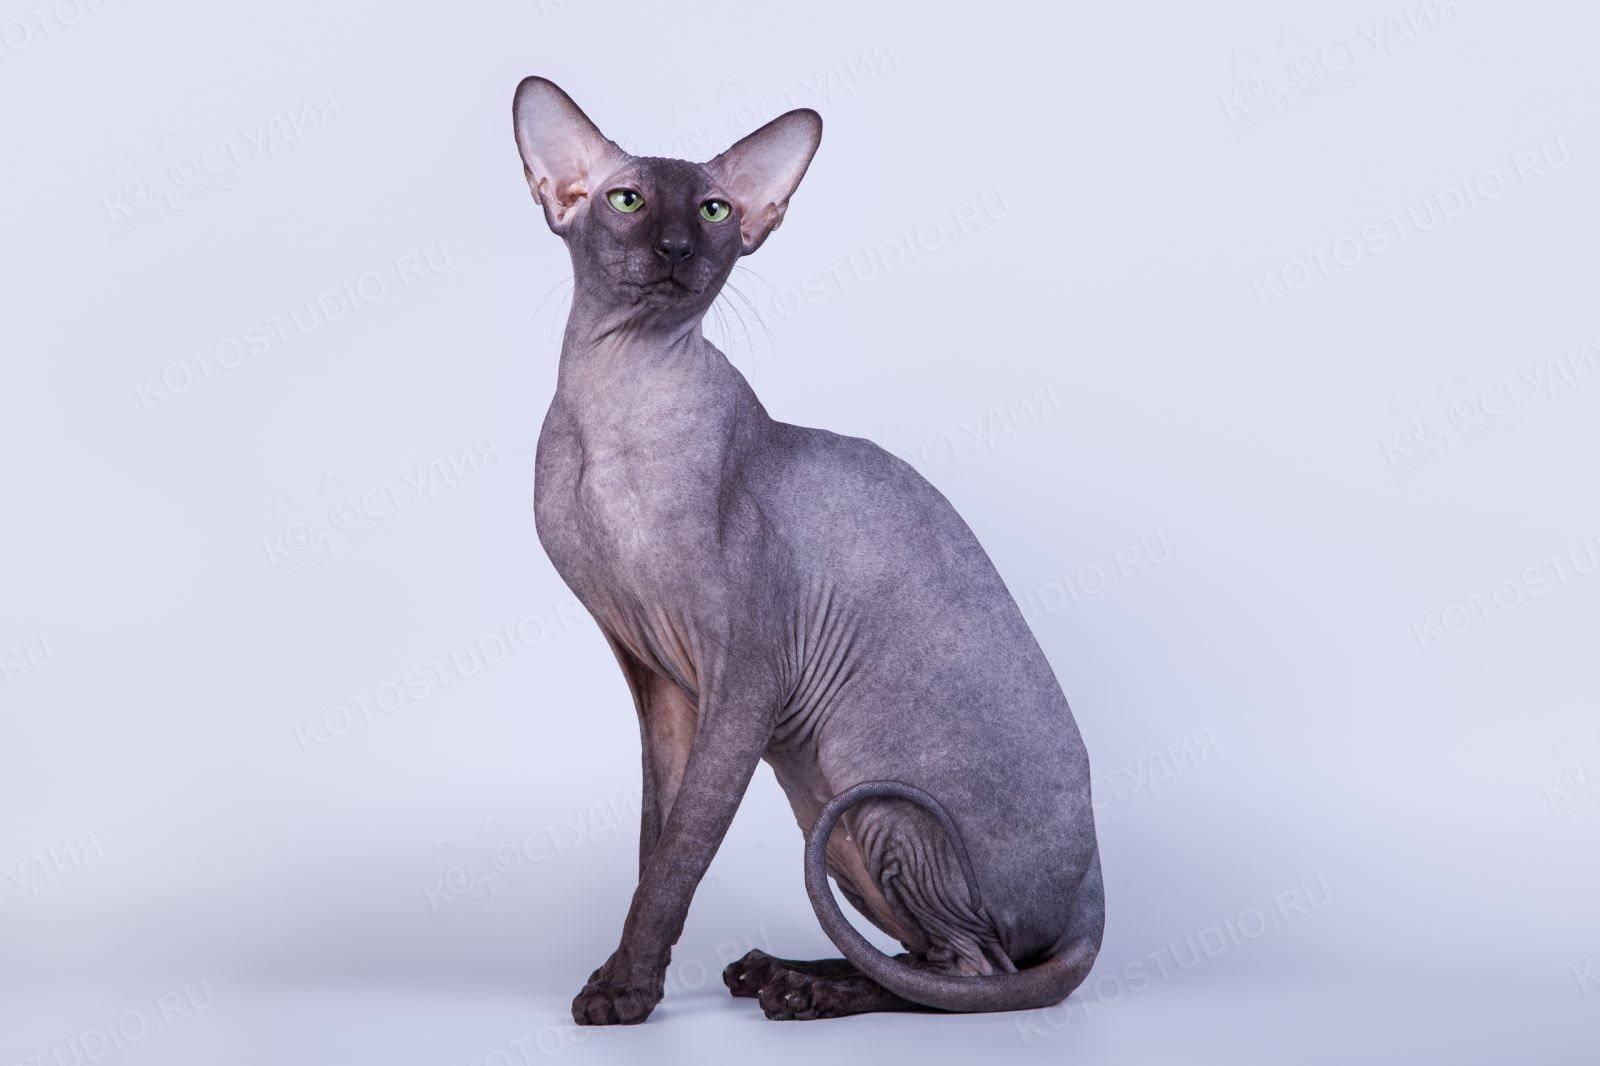 Петерболд: всё про породу кошек, фото, цена котёнка